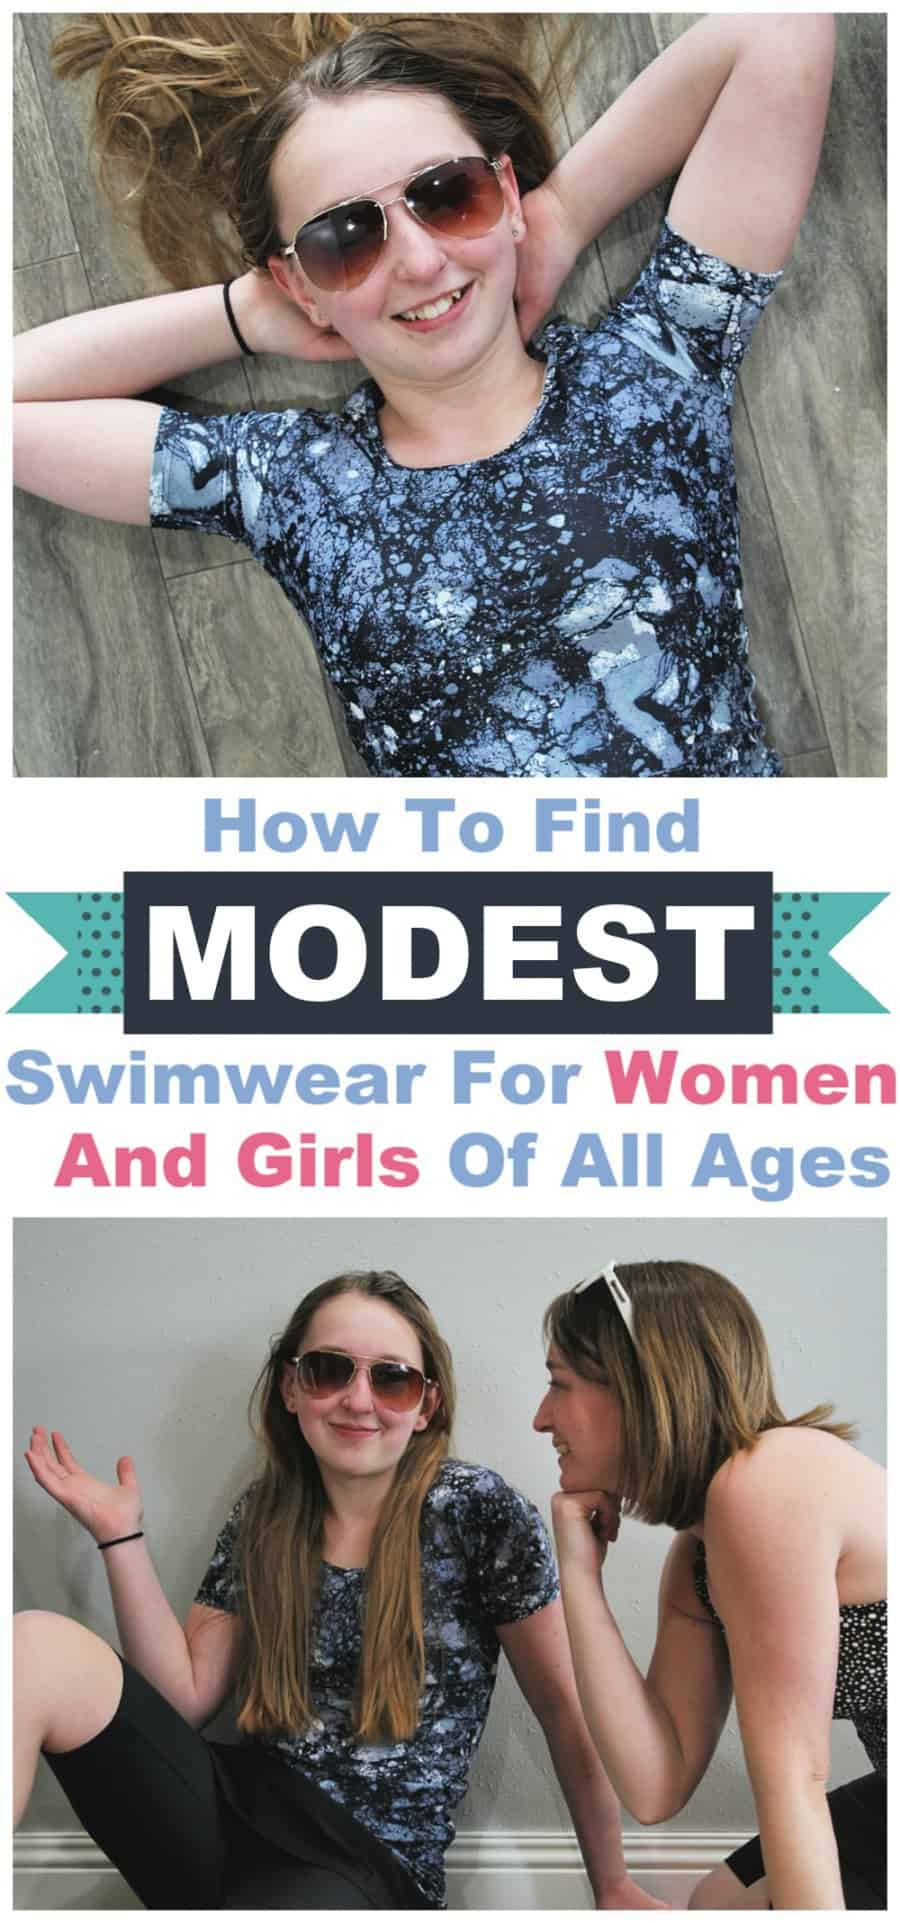 ModLi Modest Swimwear For Women - Actions Speak Louder Than Words